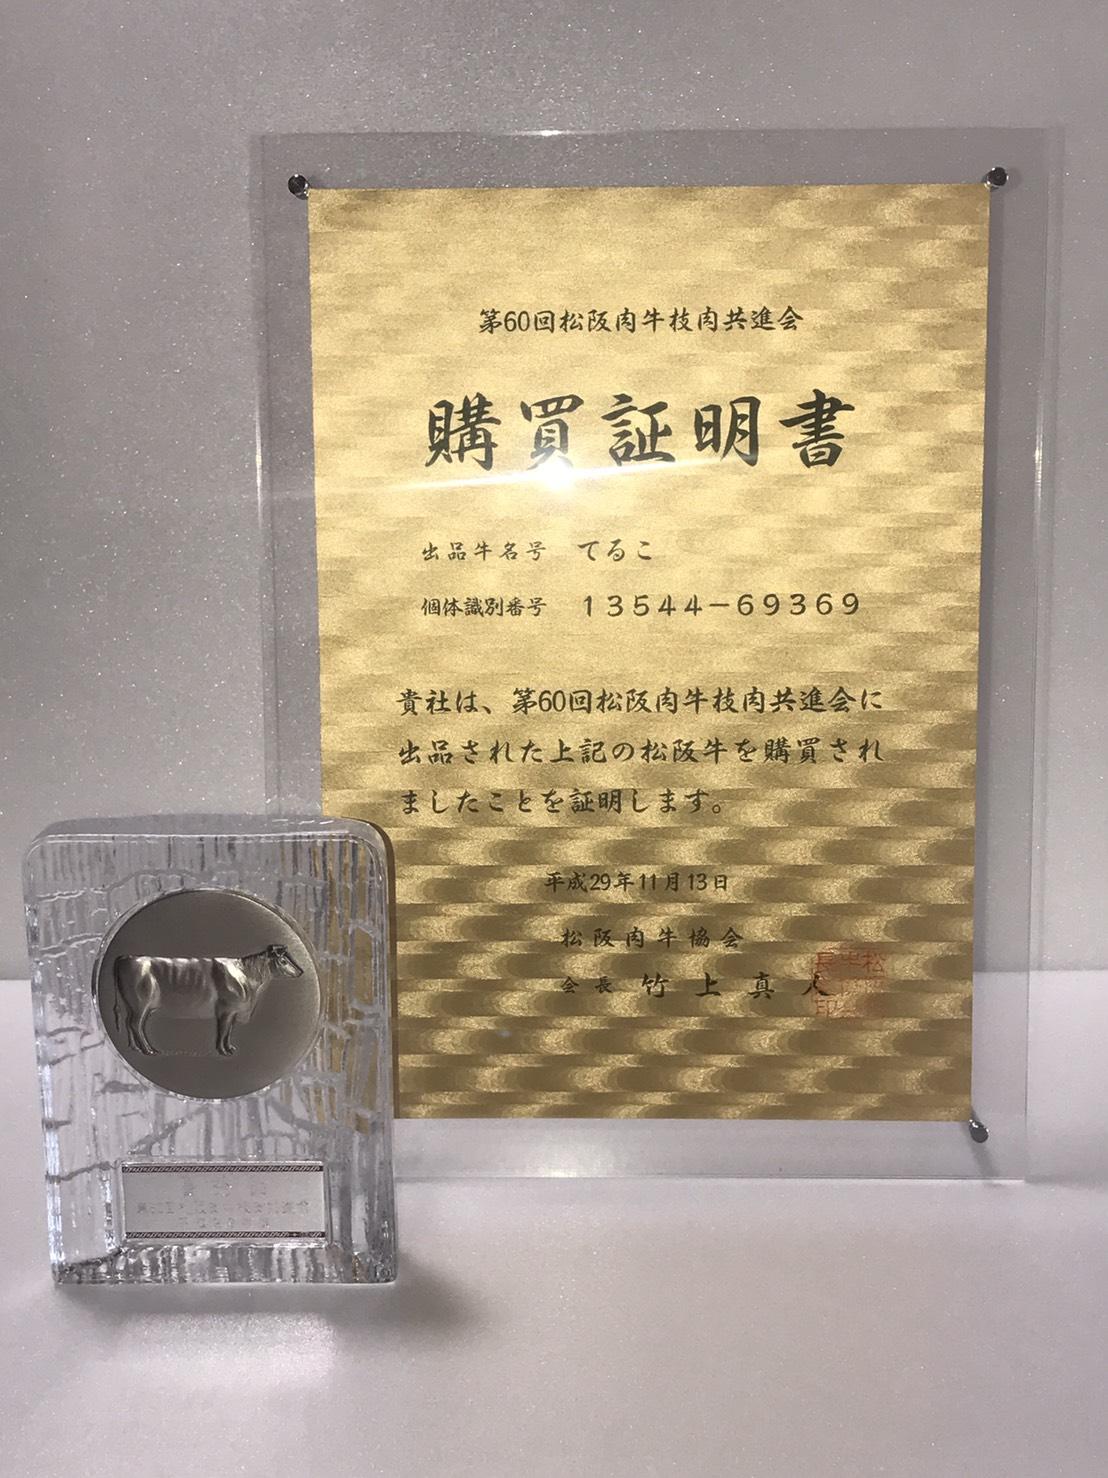 第60回松阪肉牛枝肉共進会「優秀牛」受賞 松阪牛落札